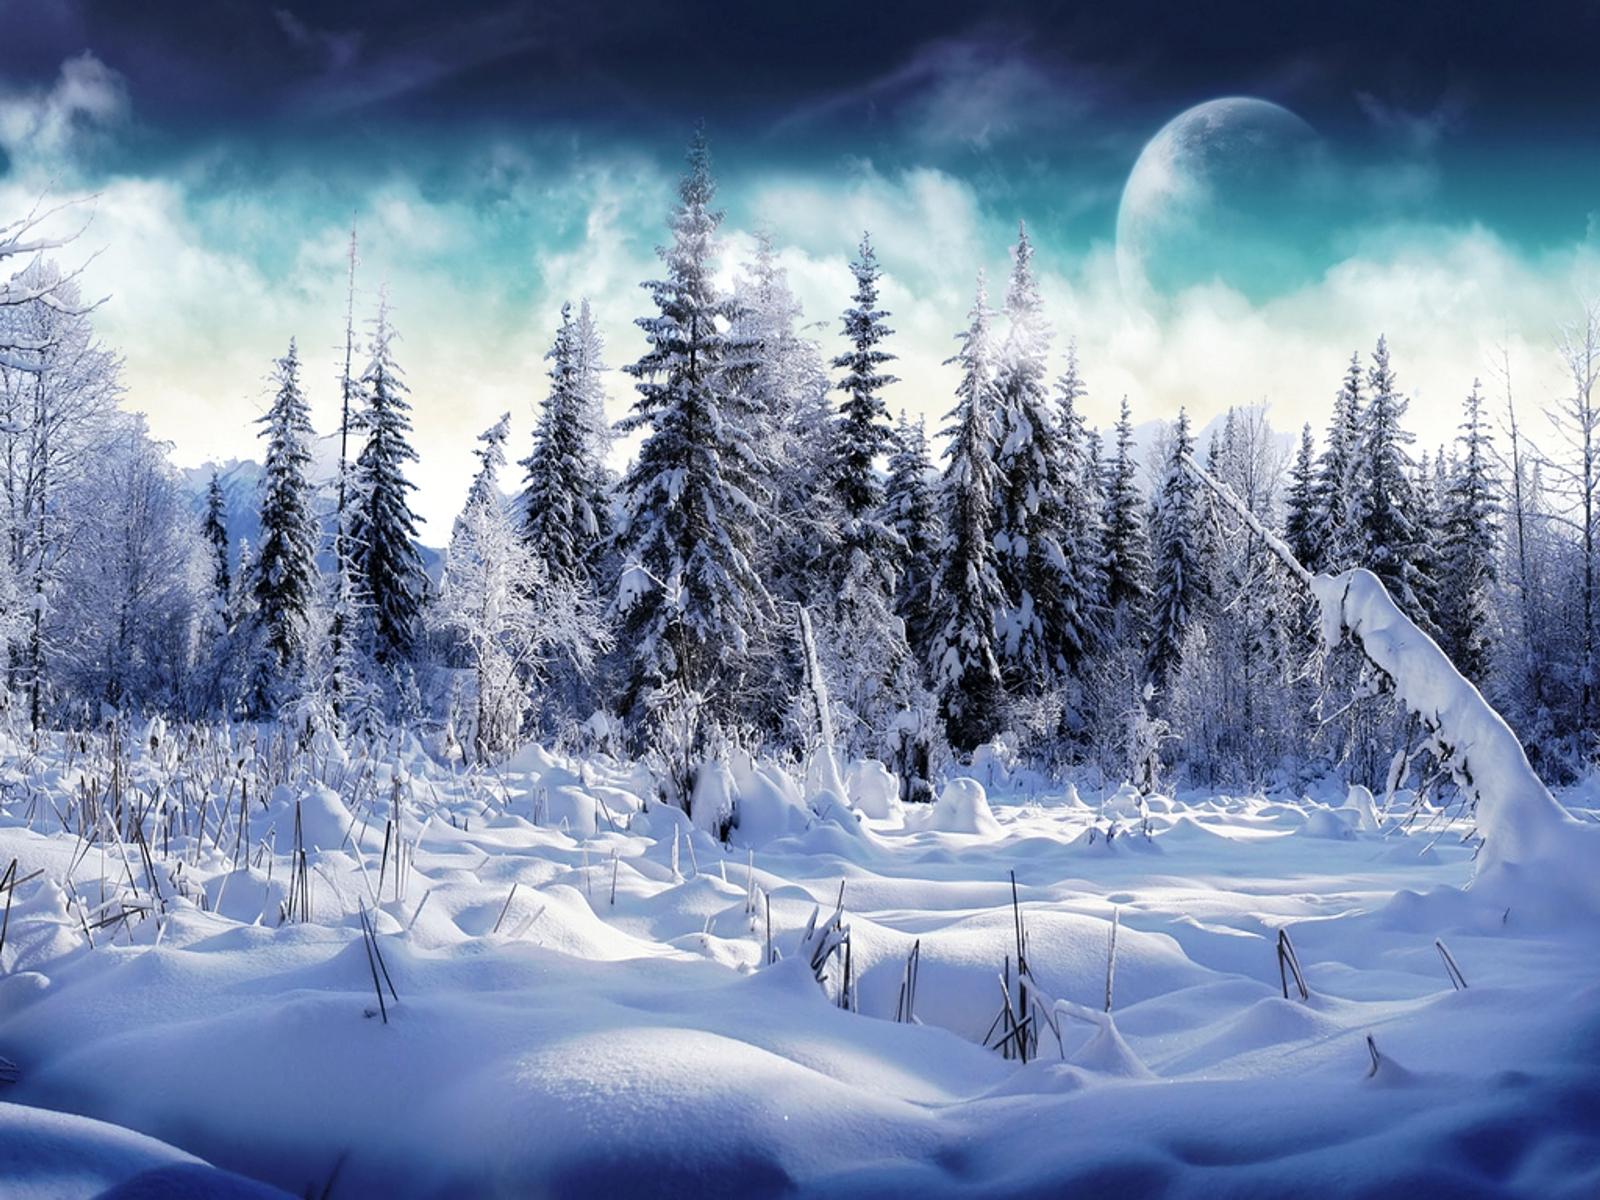 Mooie Sneeuw Achtergronden | Barbaras Bureaublad Achtergronden in HD